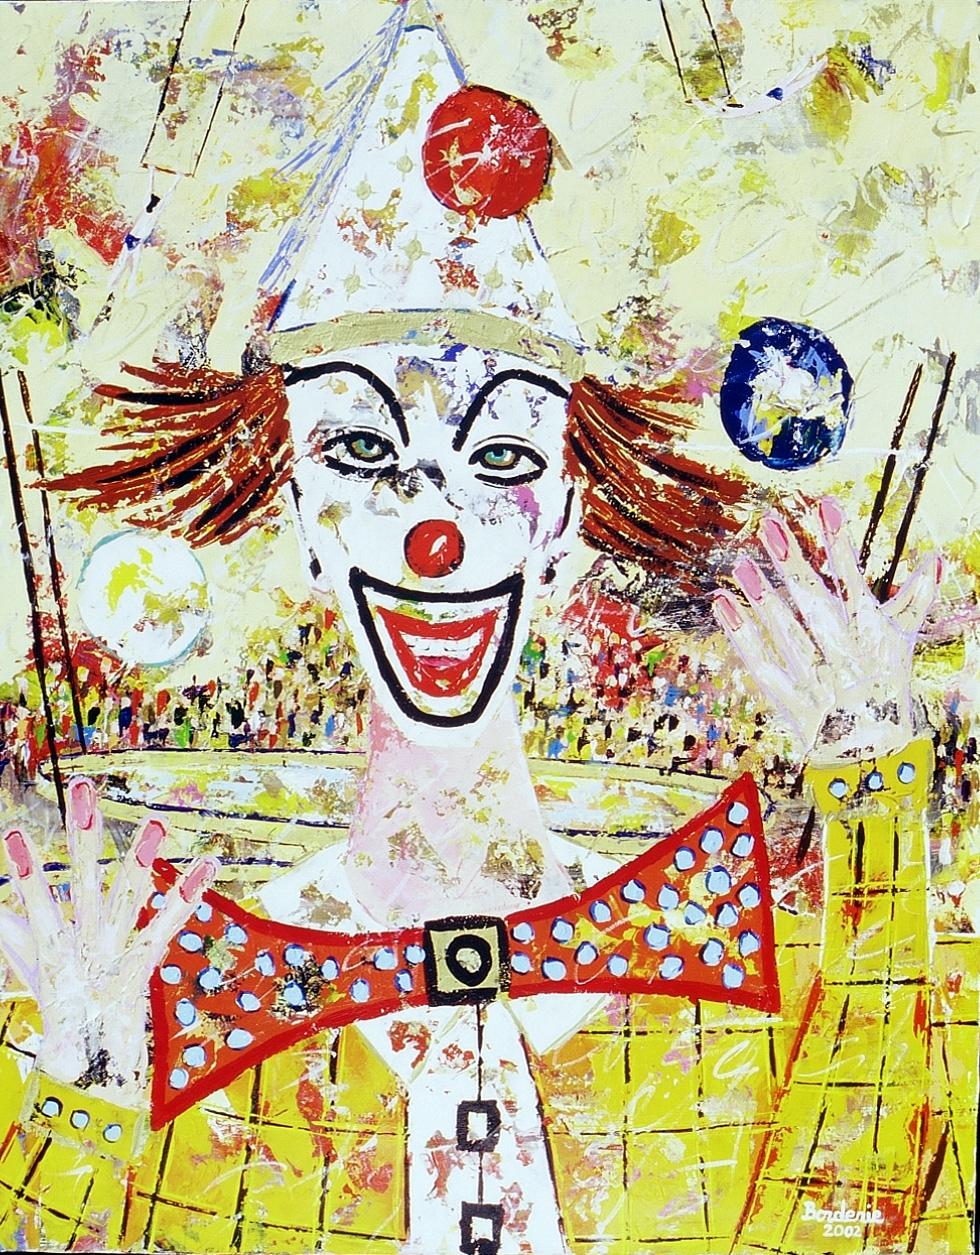 Le clown jongleur.